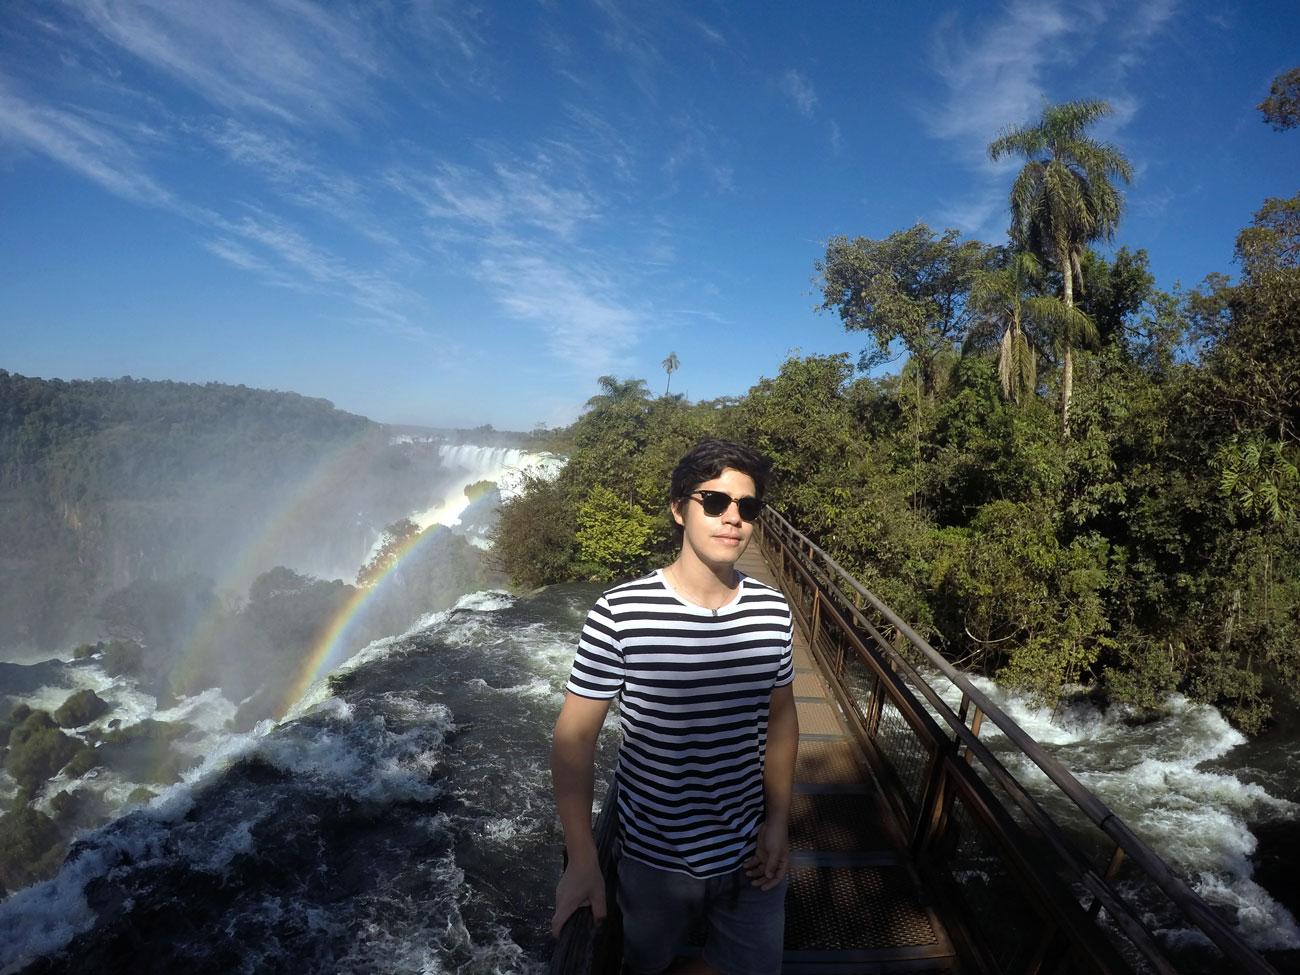 Roteiro de 4 dias em Foz do Iguaçu: Cataratas + jantar na Argentina + compras no Paraguai e muito mais!